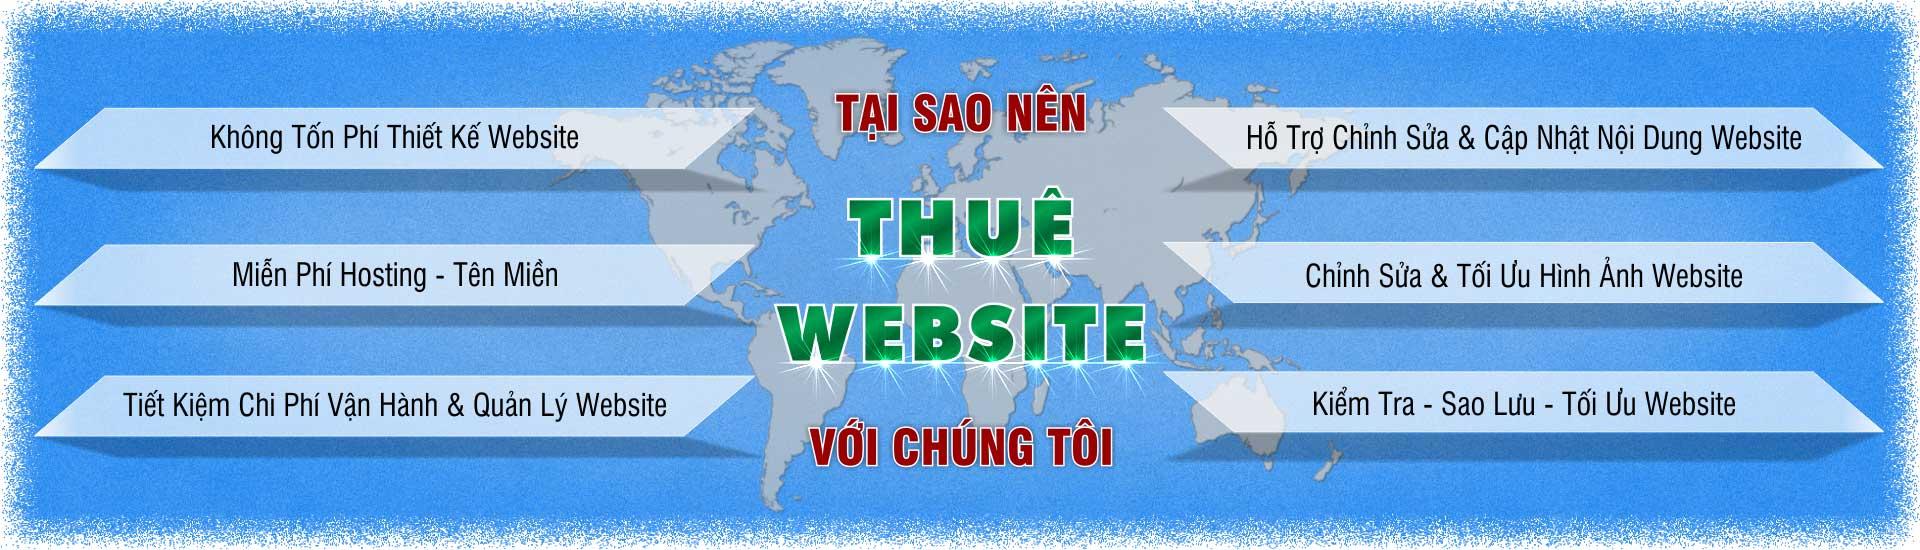 Thuê website